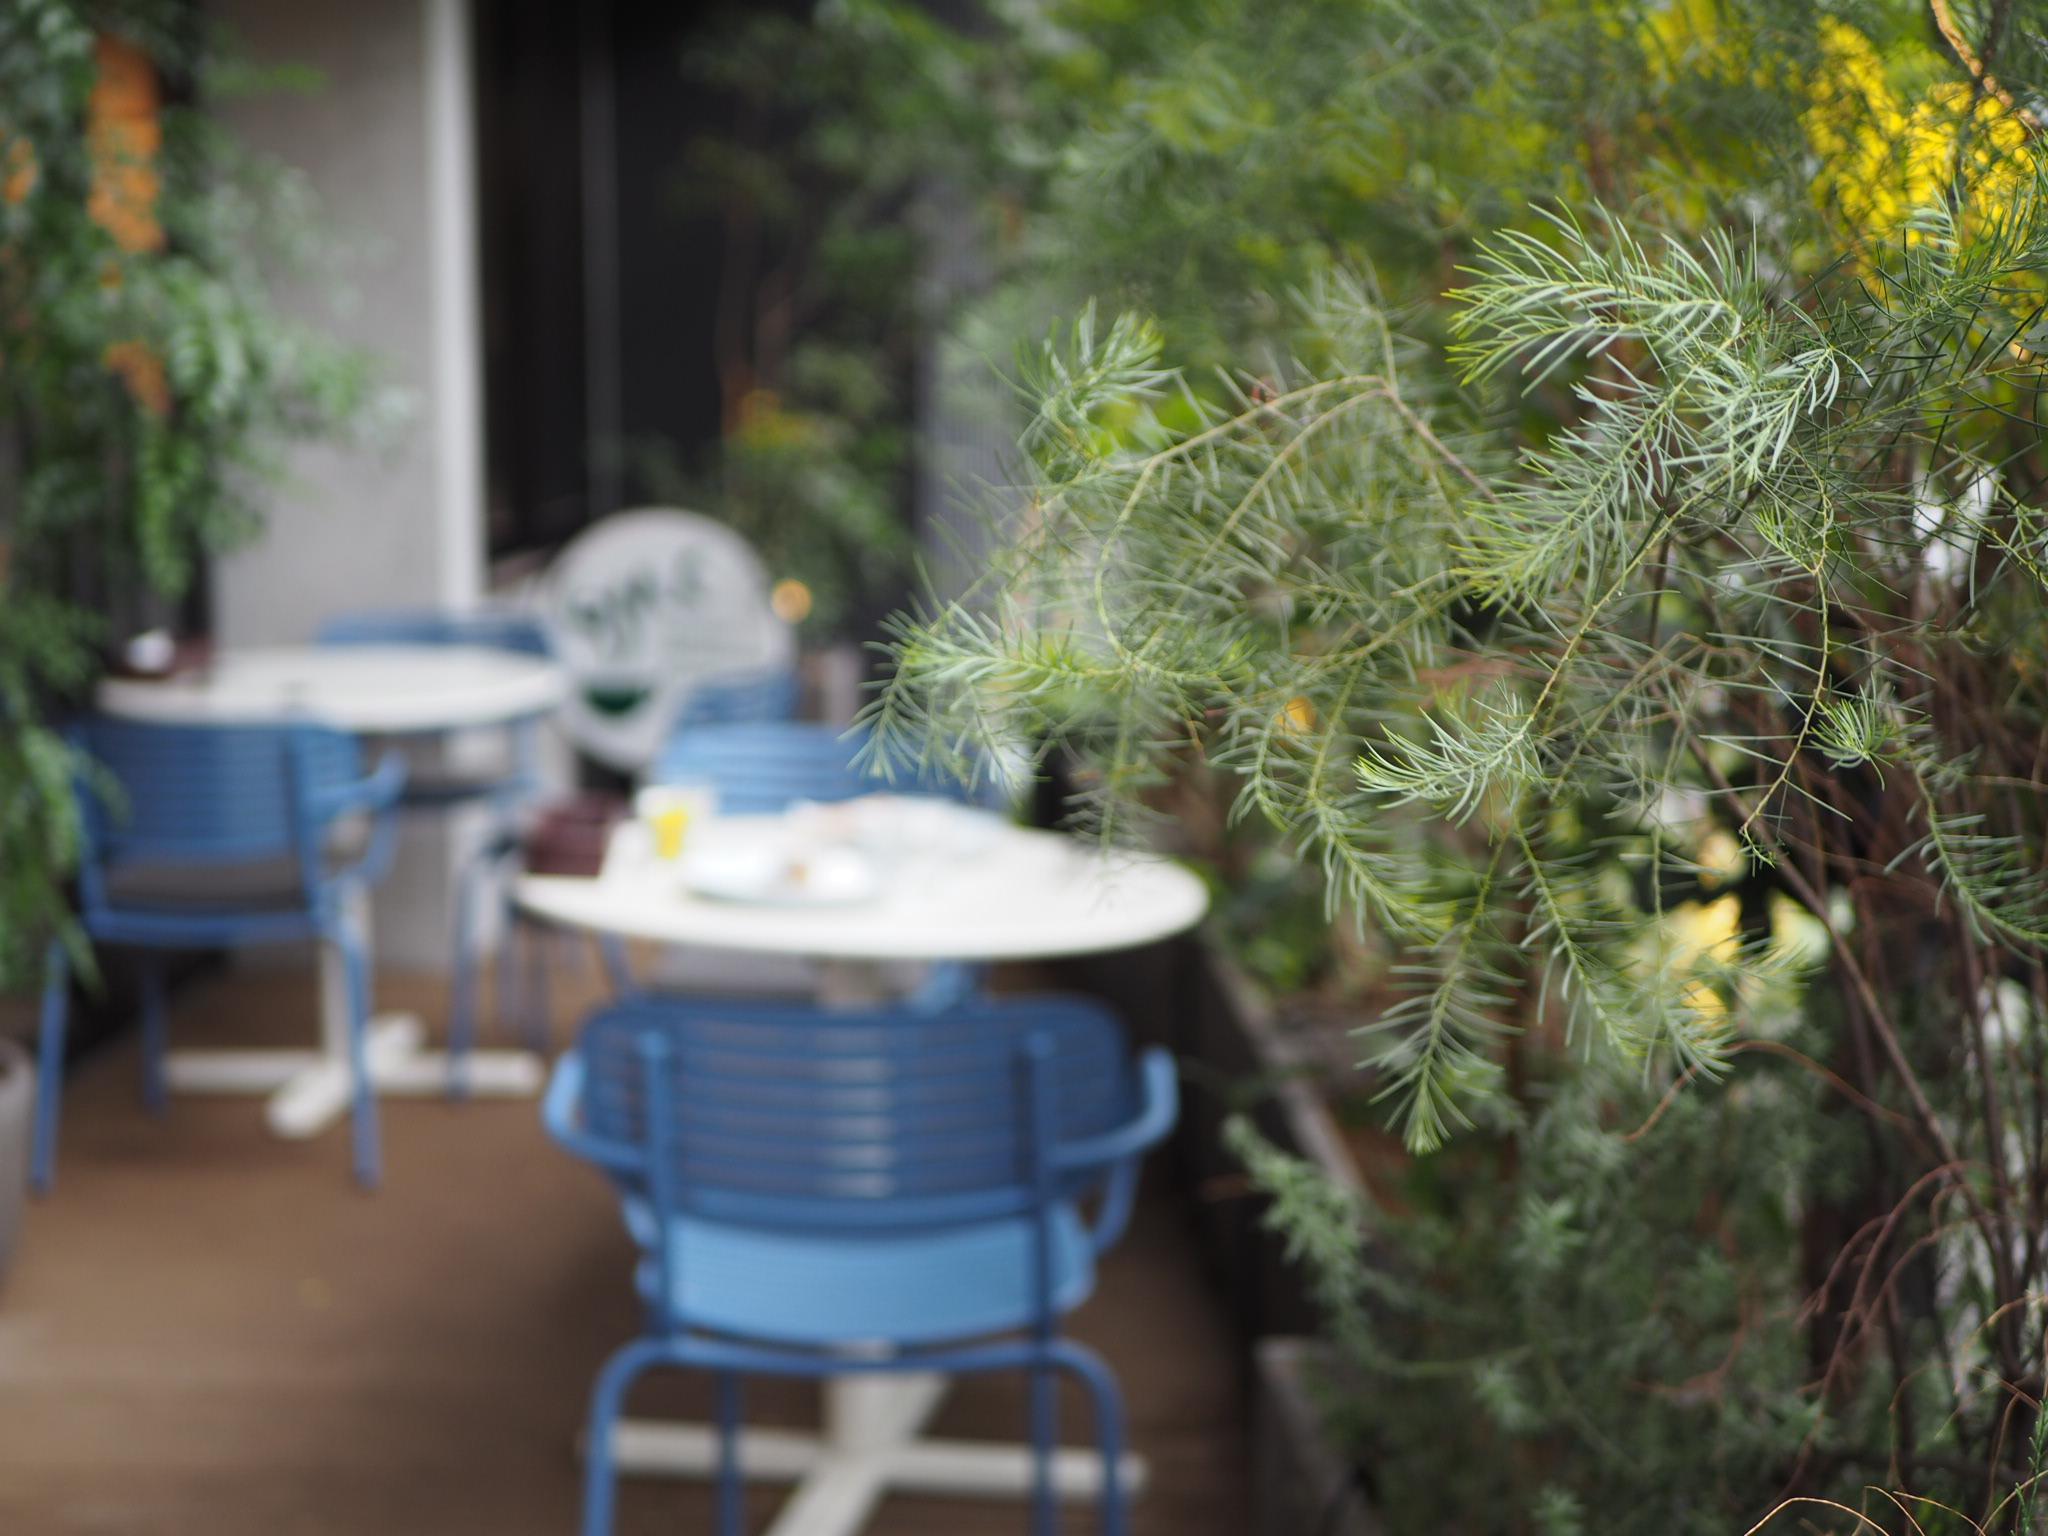 【千駄ヶ谷】「GOOD MORNING CAFE」のお洒落テラスLUNCH❃❃❃_2